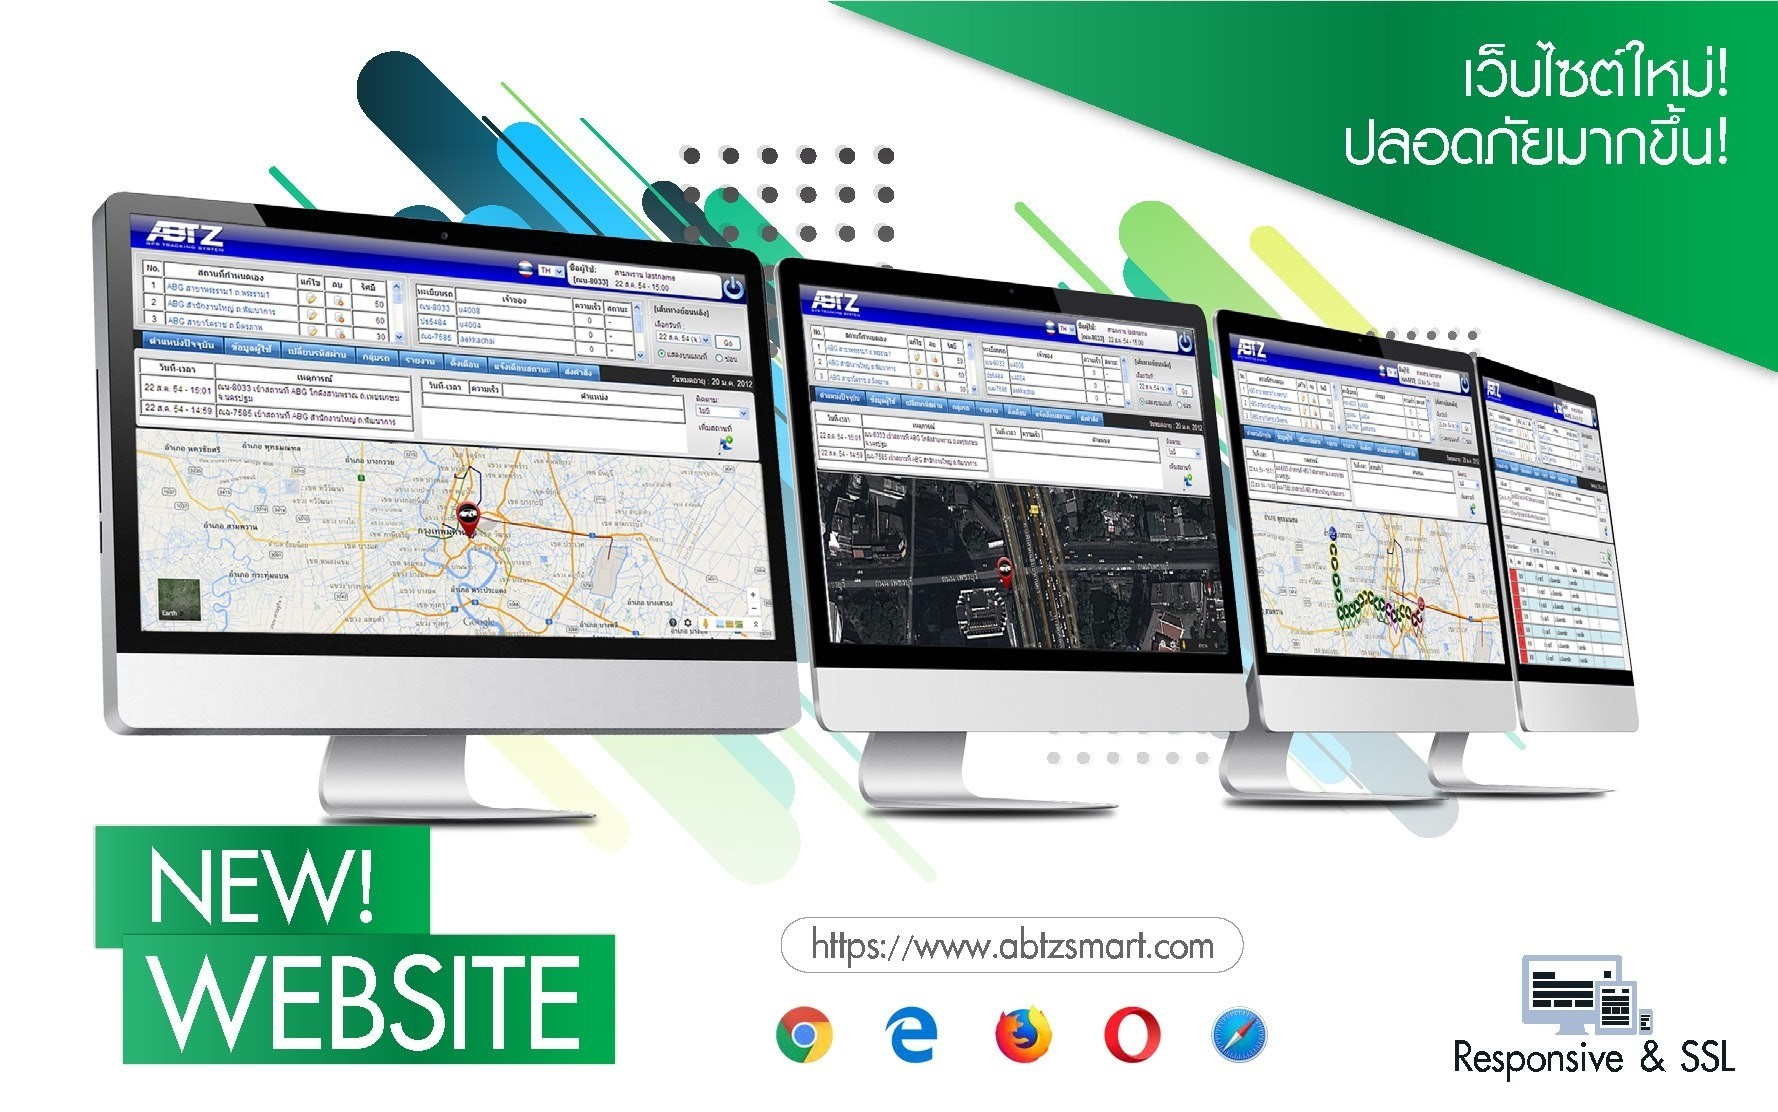 ABTZ WEBSITE